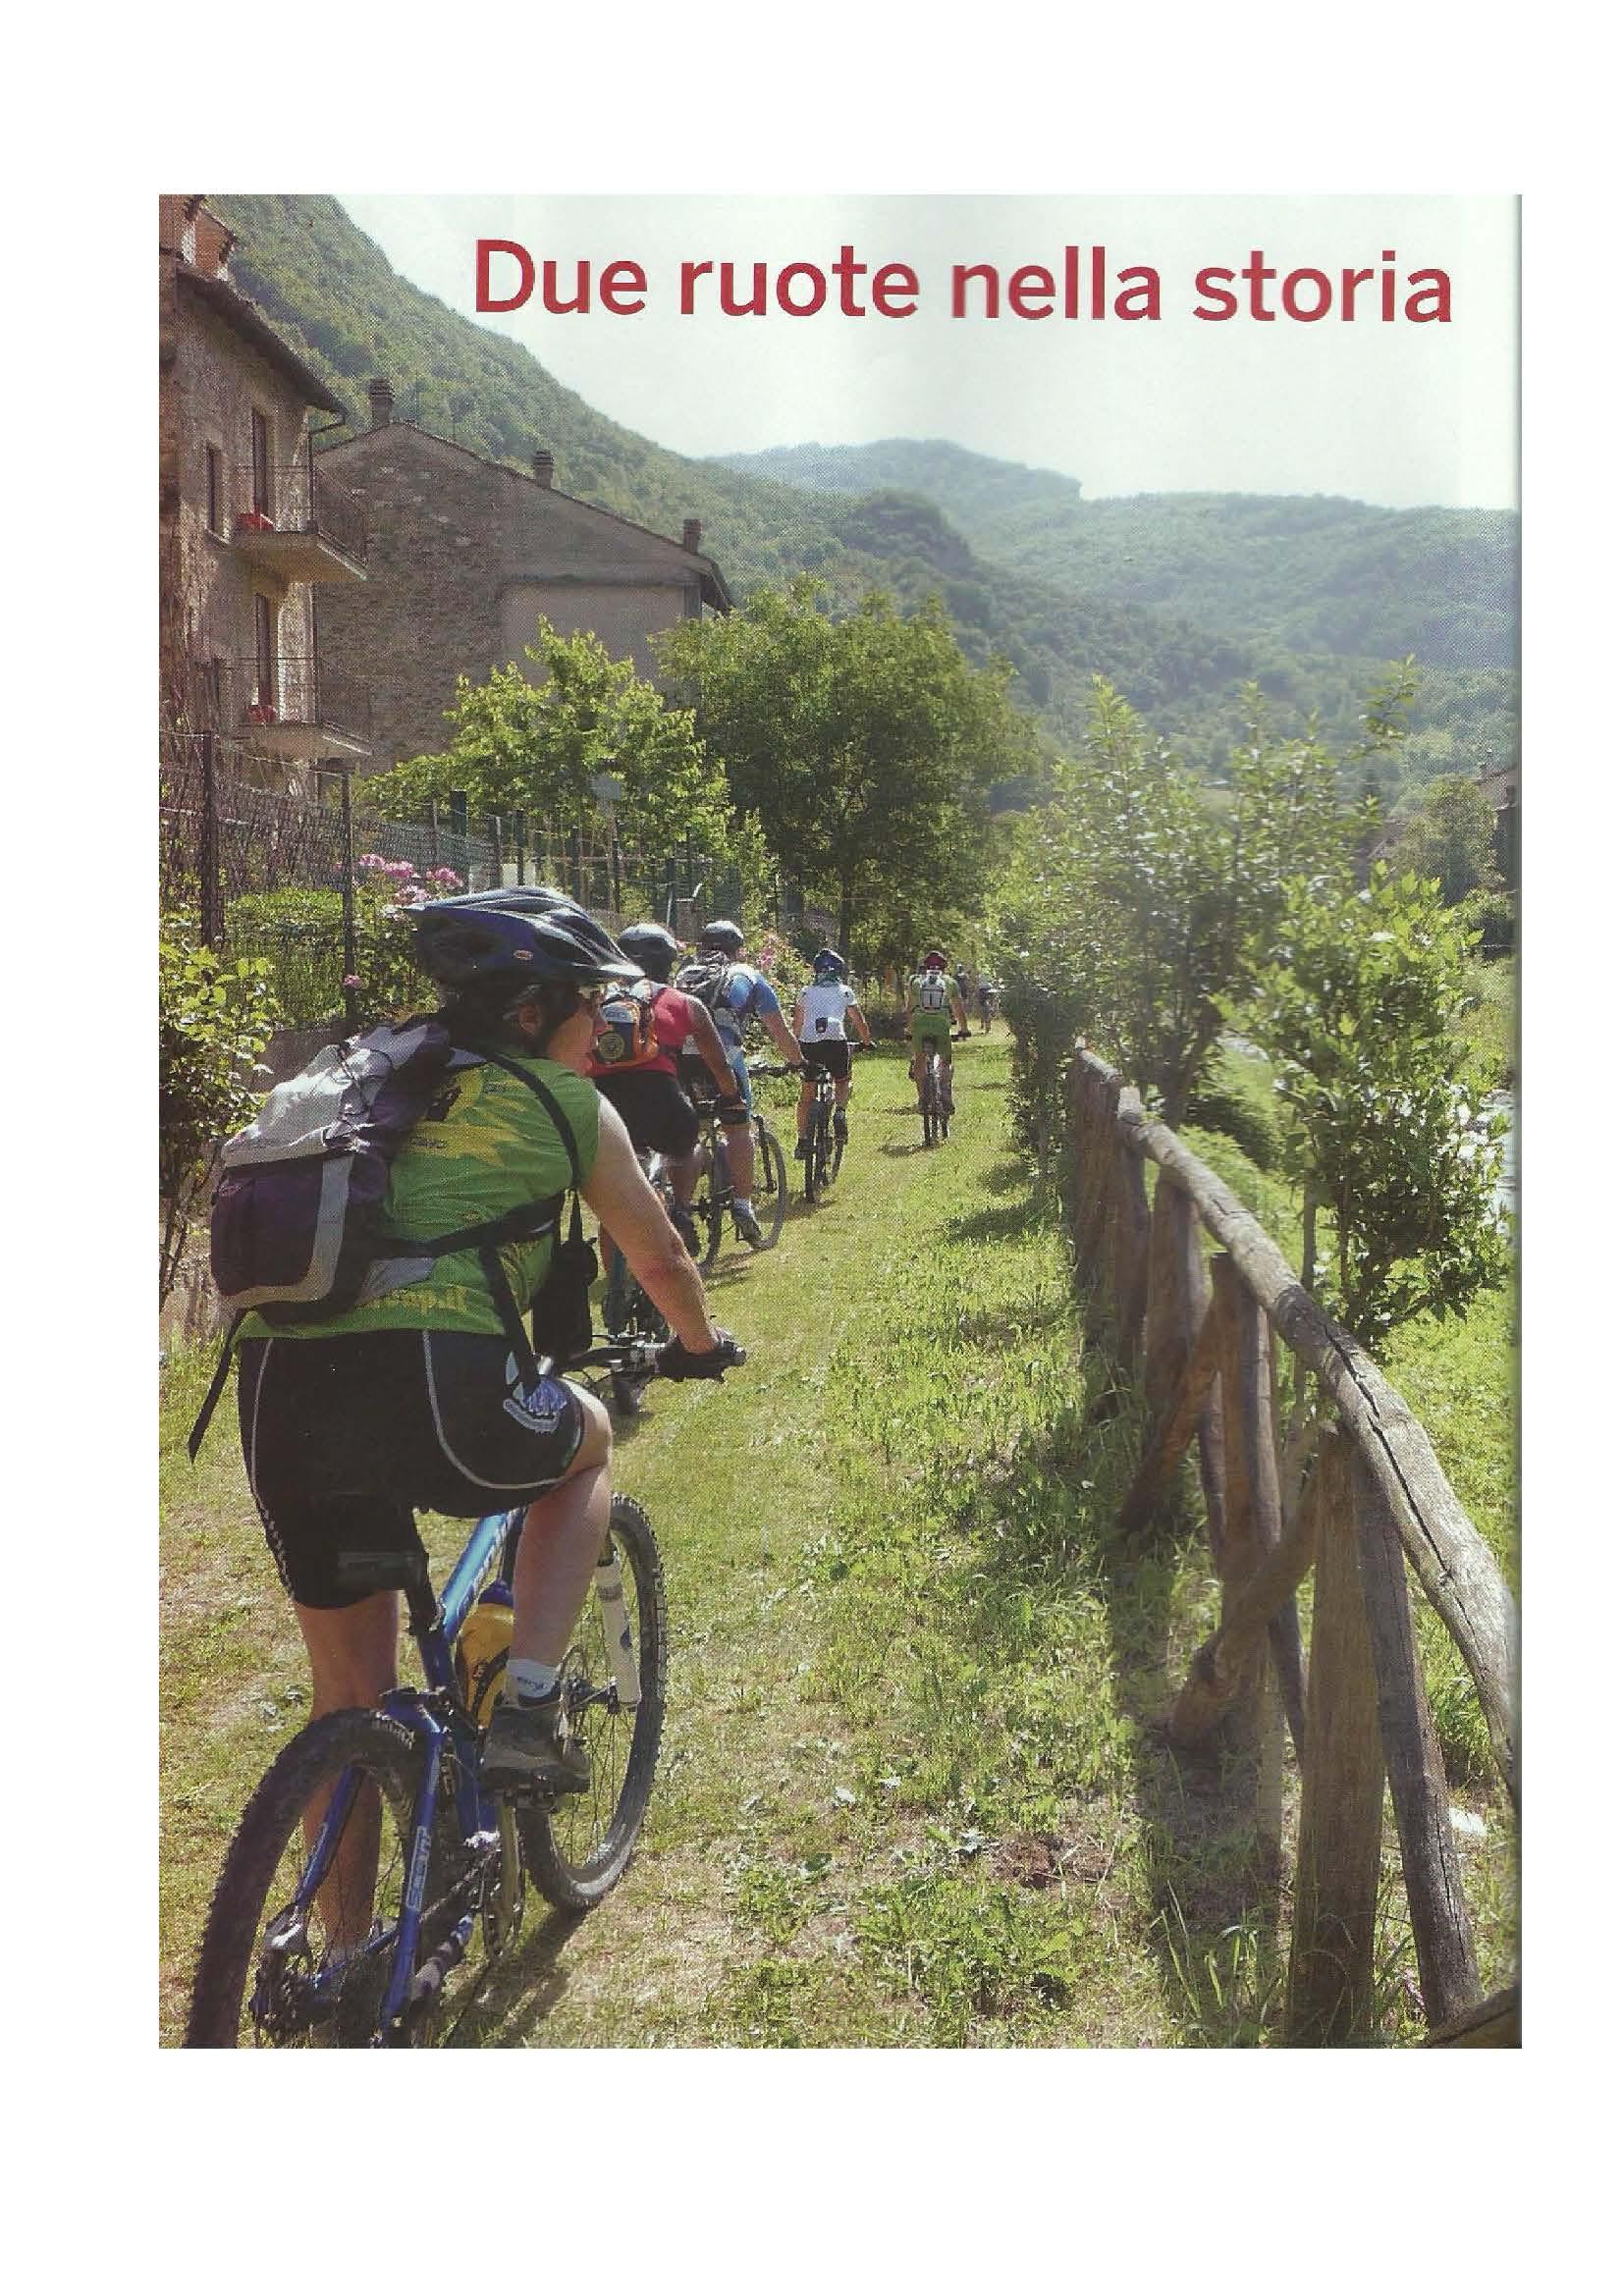 due-ruote-nella-storia-montagne-360-ottobre-2014_Pagina_1.jpg